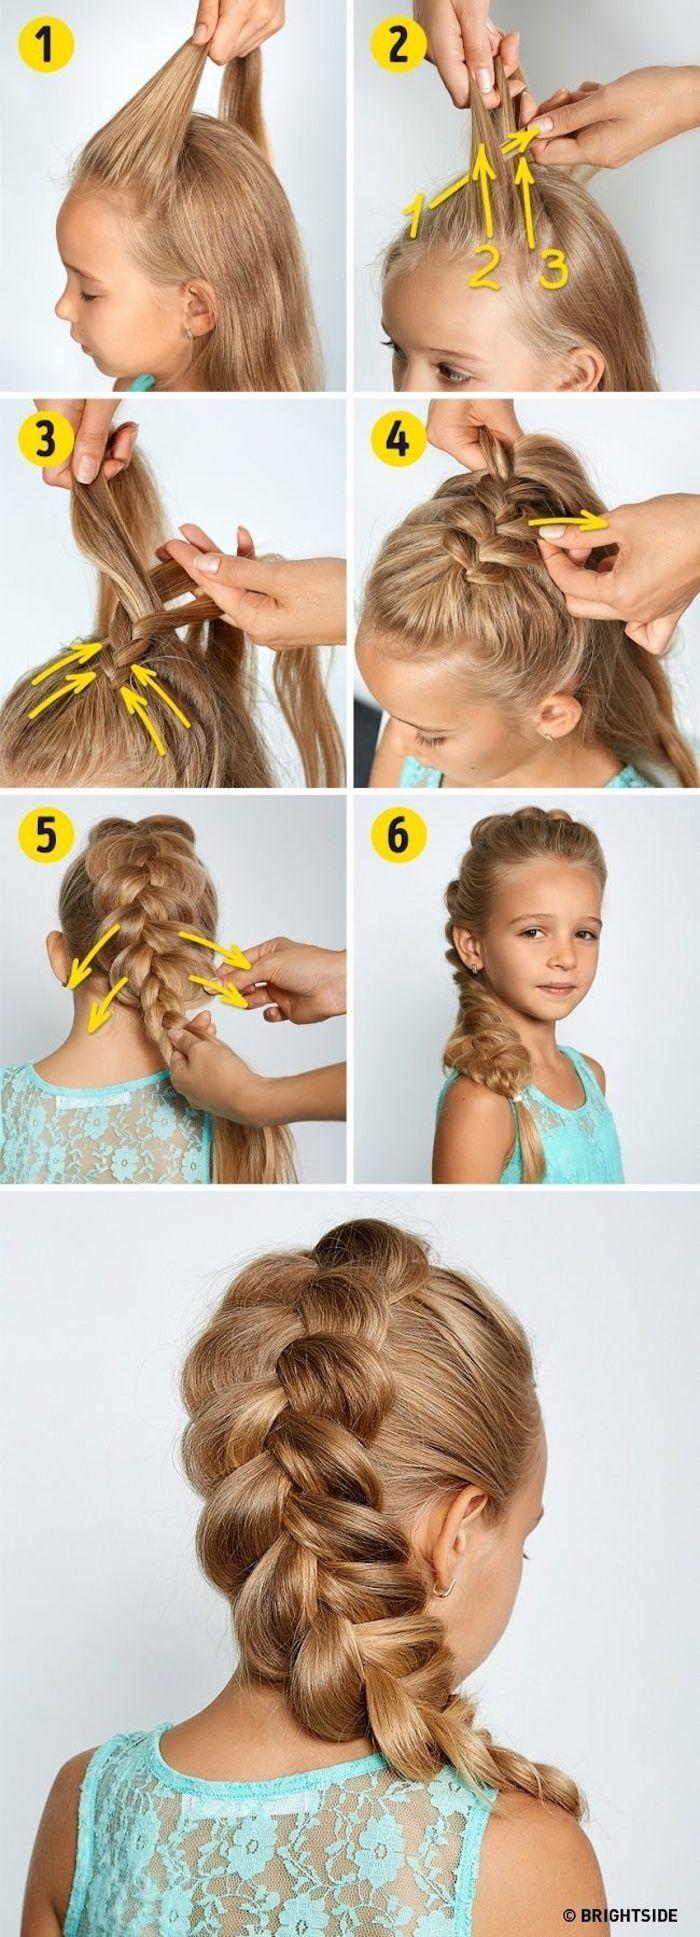 1001 Idees De Coiffure Pour Fillette Simple Rapide Et Trop Mignonne Coiffure Facile Idees De Coiffures Coiffure Cheveux Long Facile